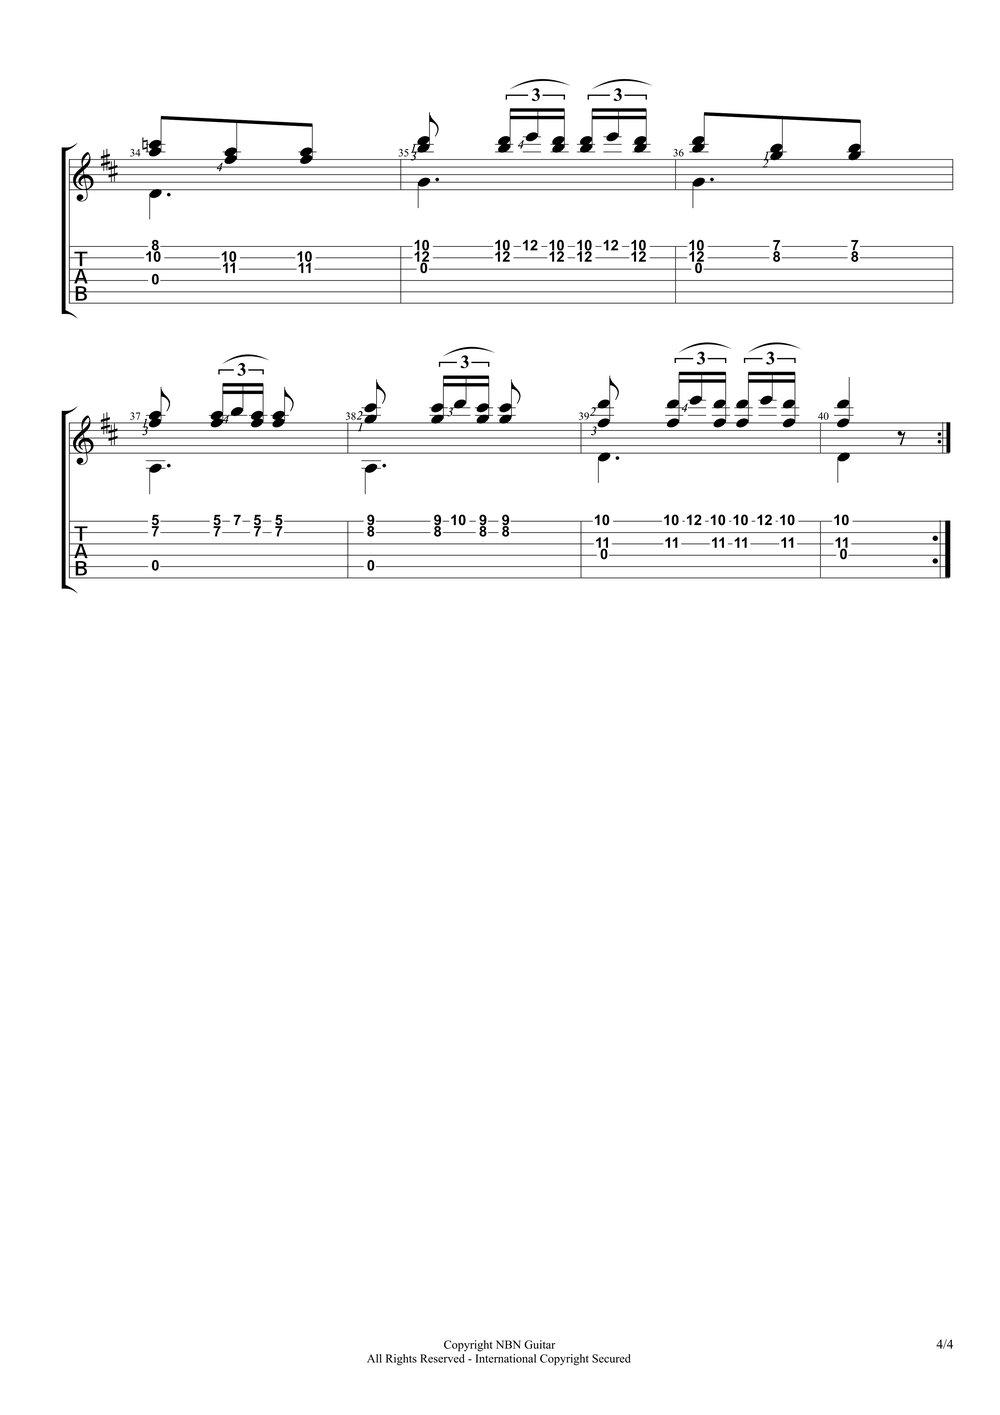 Etude No. 10, Op. 60 - Carcassi (Sheet Music & Tabs)-p6.jpg